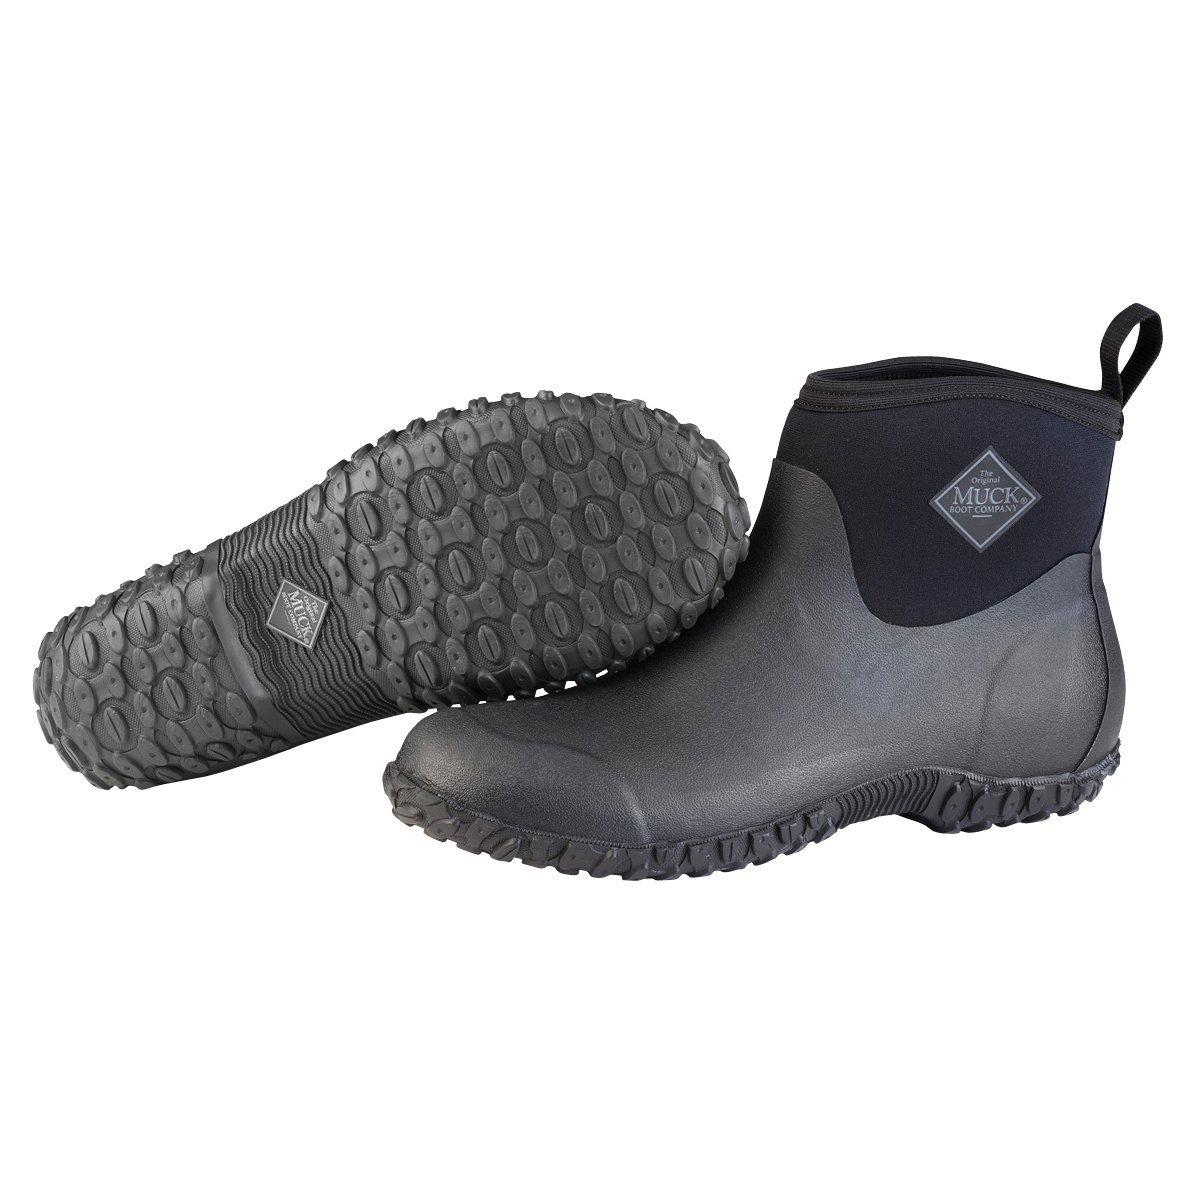 Muckster ll Ankle-Height Men's Rubber Garden Boots (Renewed)